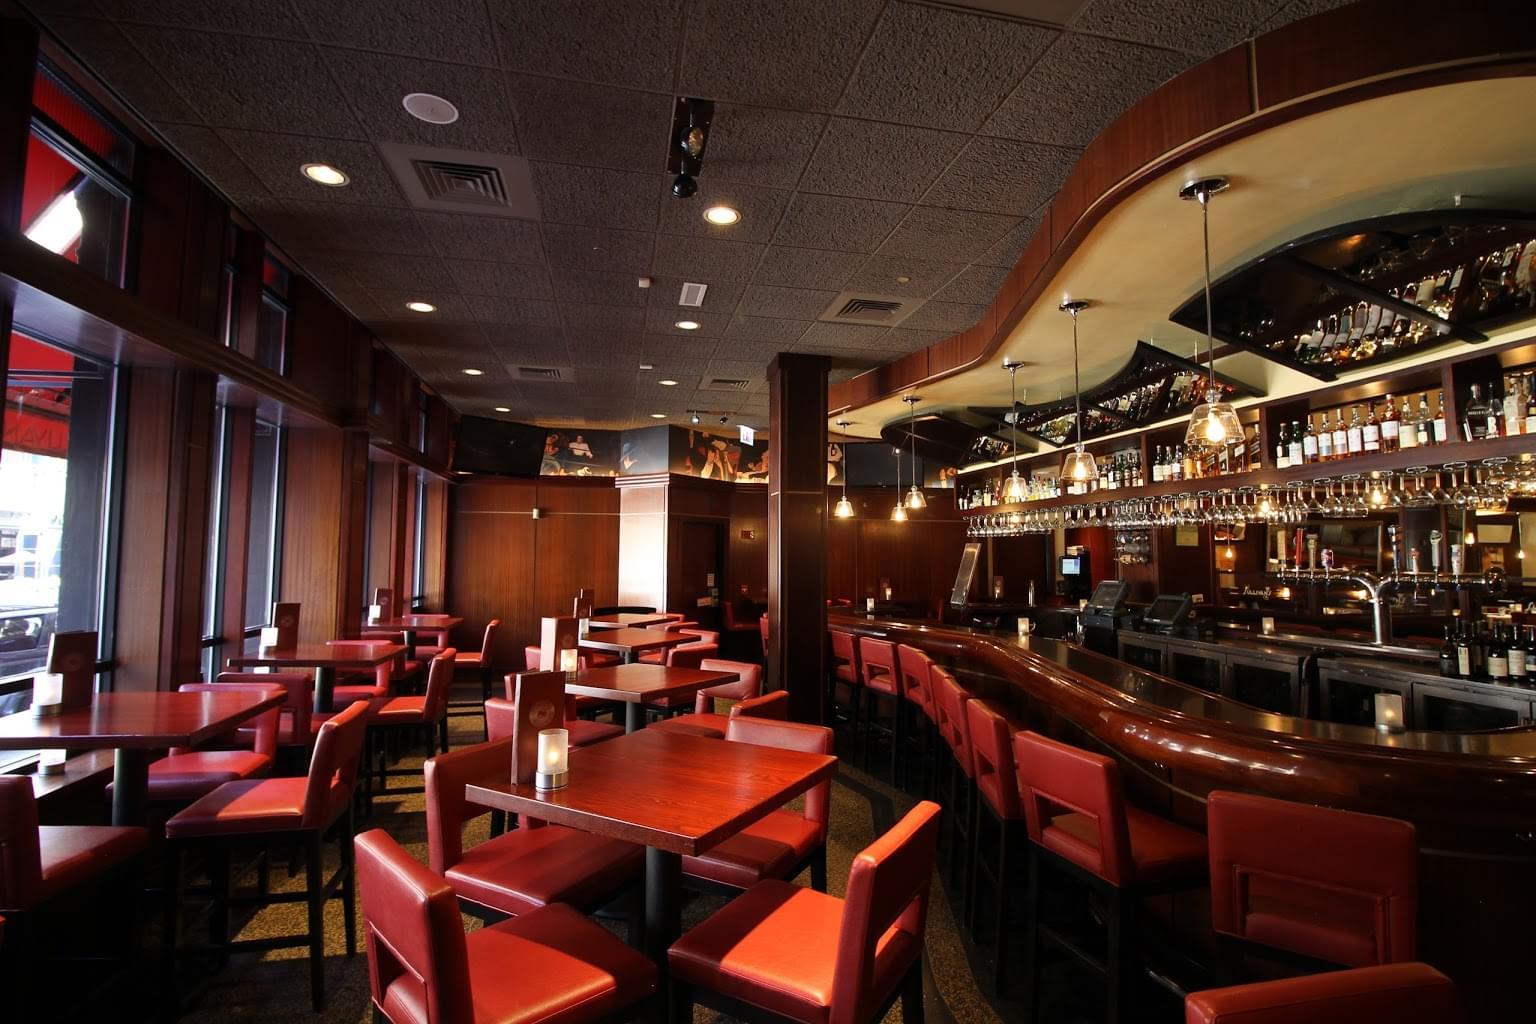 sullivan u0026 39 s steakhouse - chicago  il